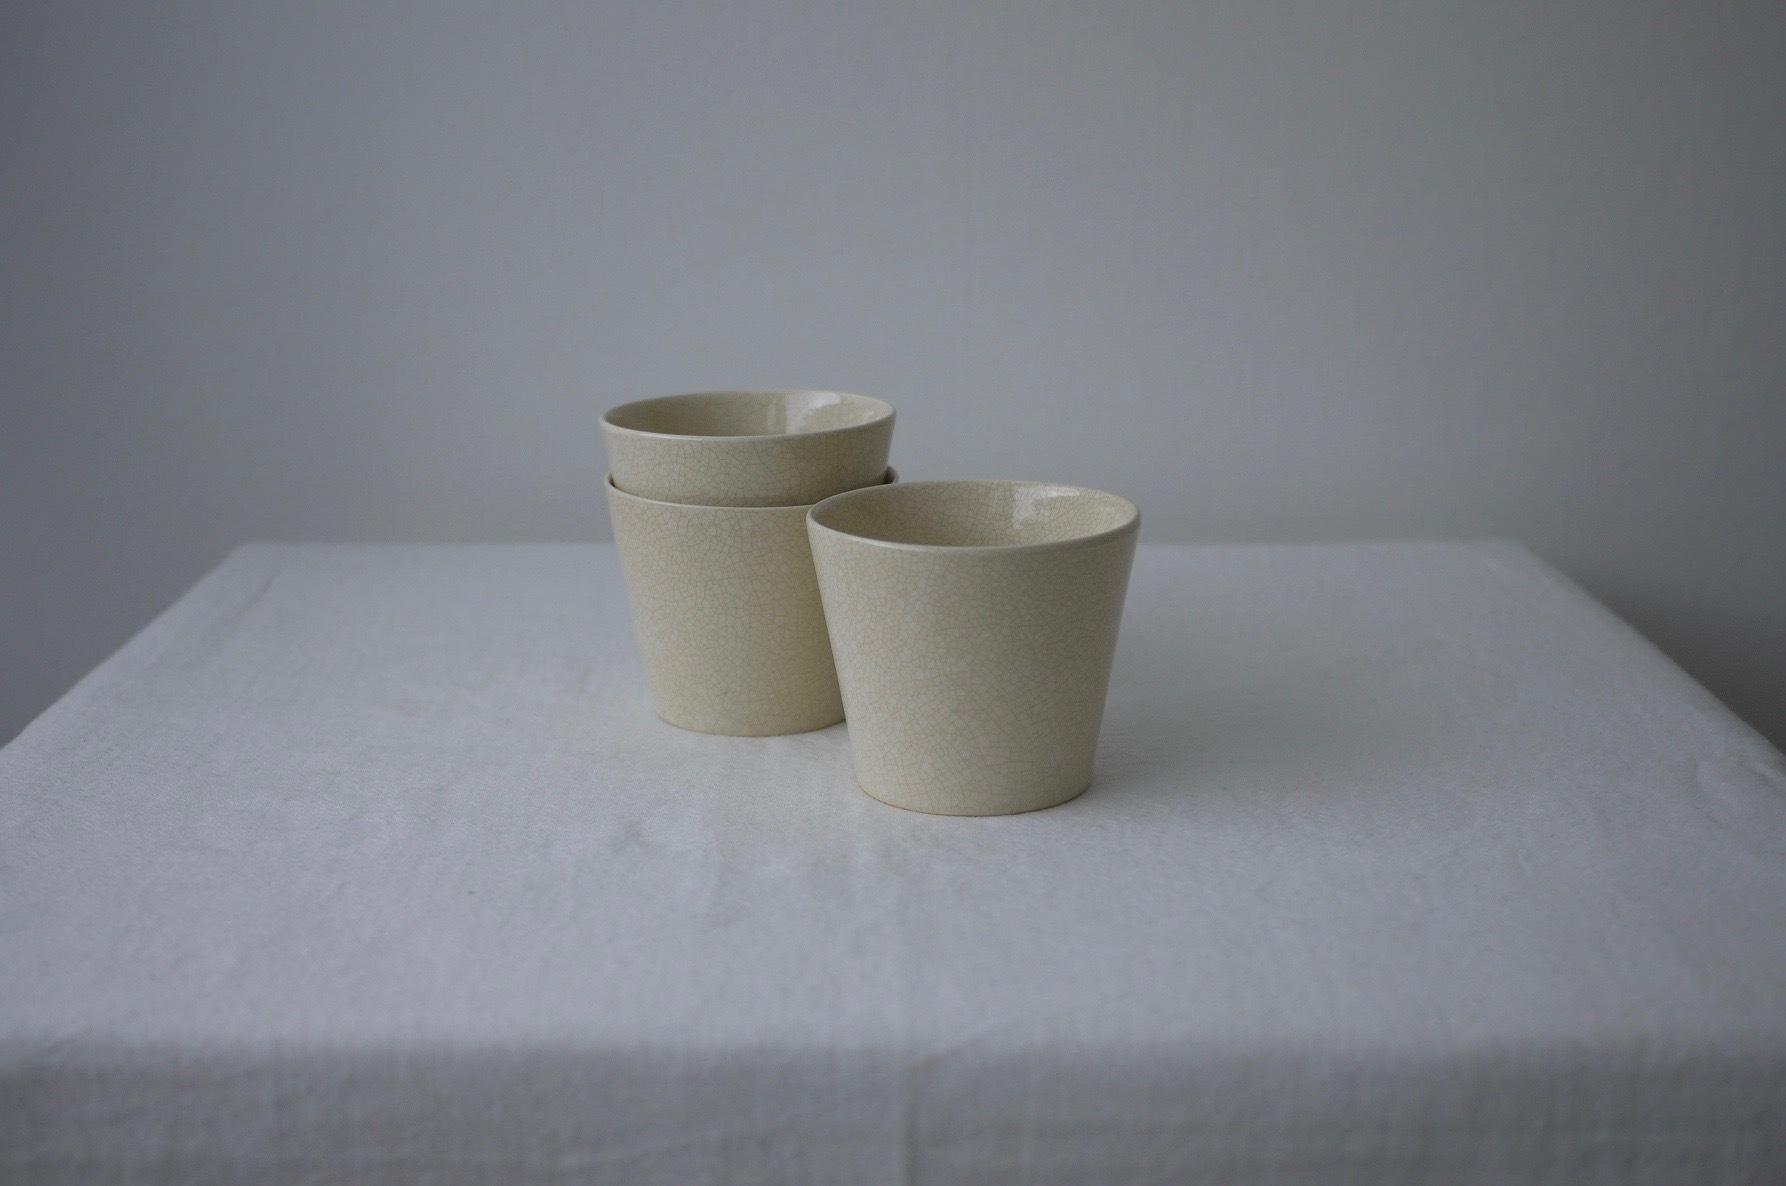 石黒剛一郎  蕎麦猪口(白瓷)